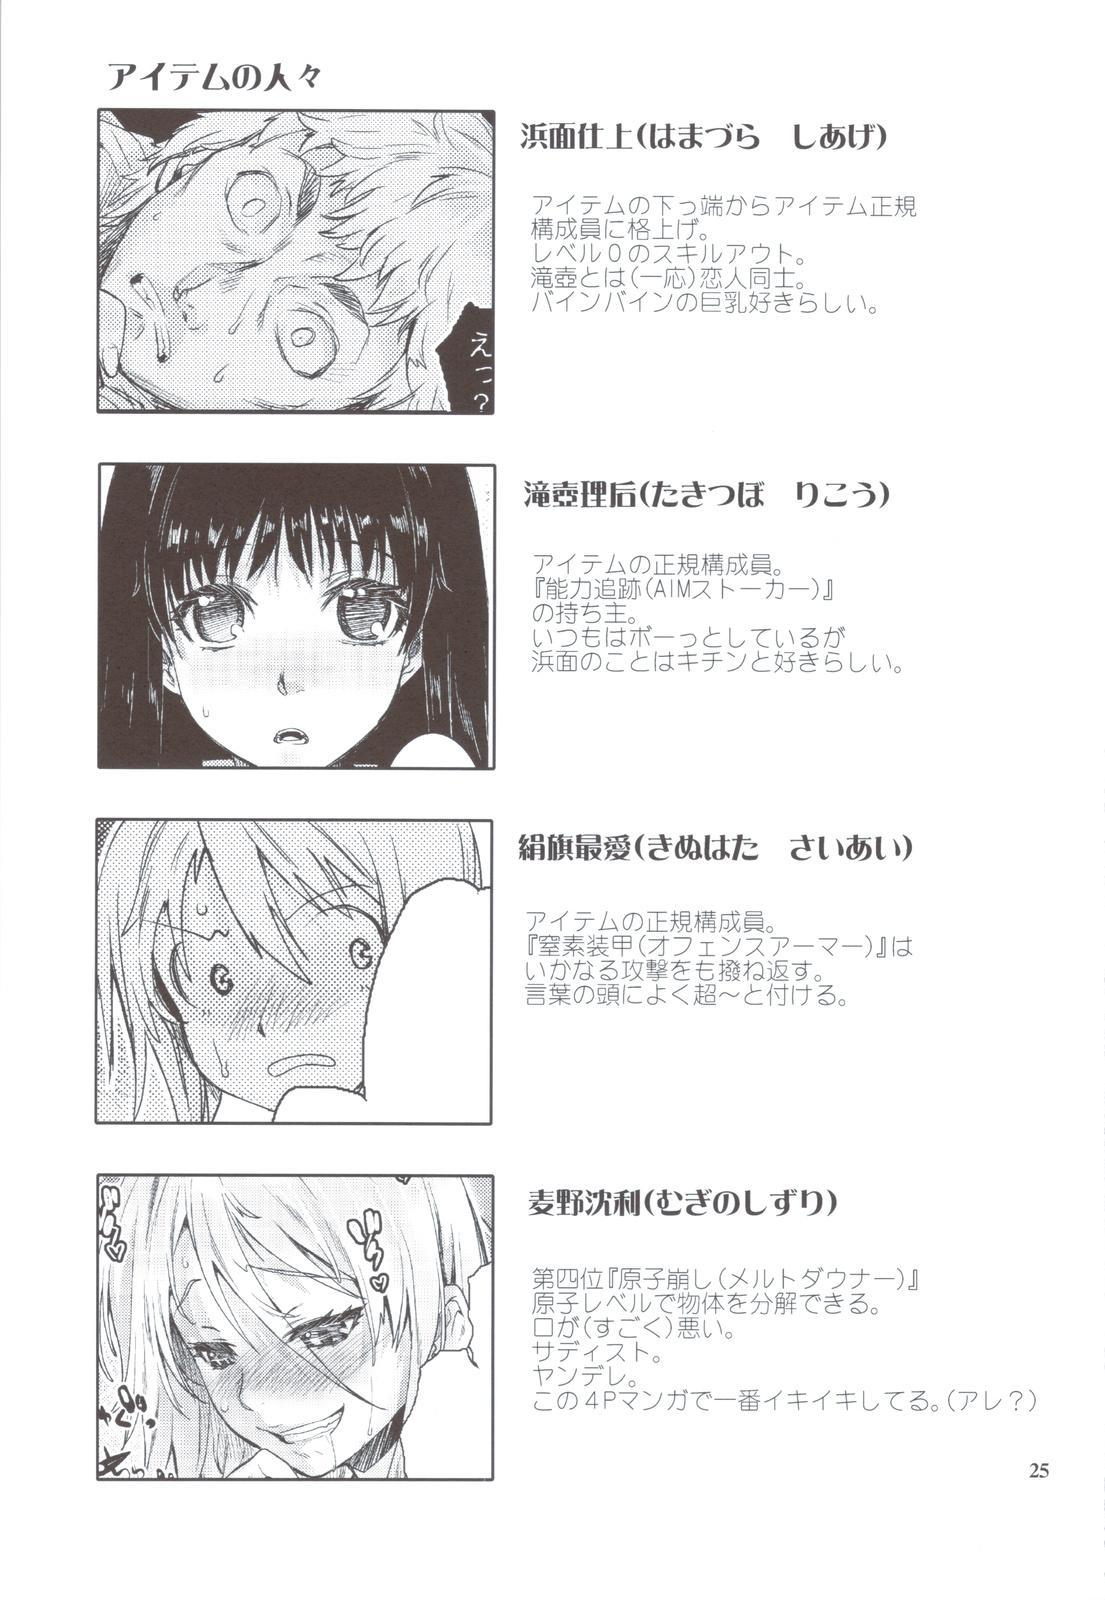 (C83) [Penpengusa Club (Katase Minami)] Toaru Kagaku no Judgement 6 - Onee-sama Search Eye! (Toaru Majutsu no Index) 23